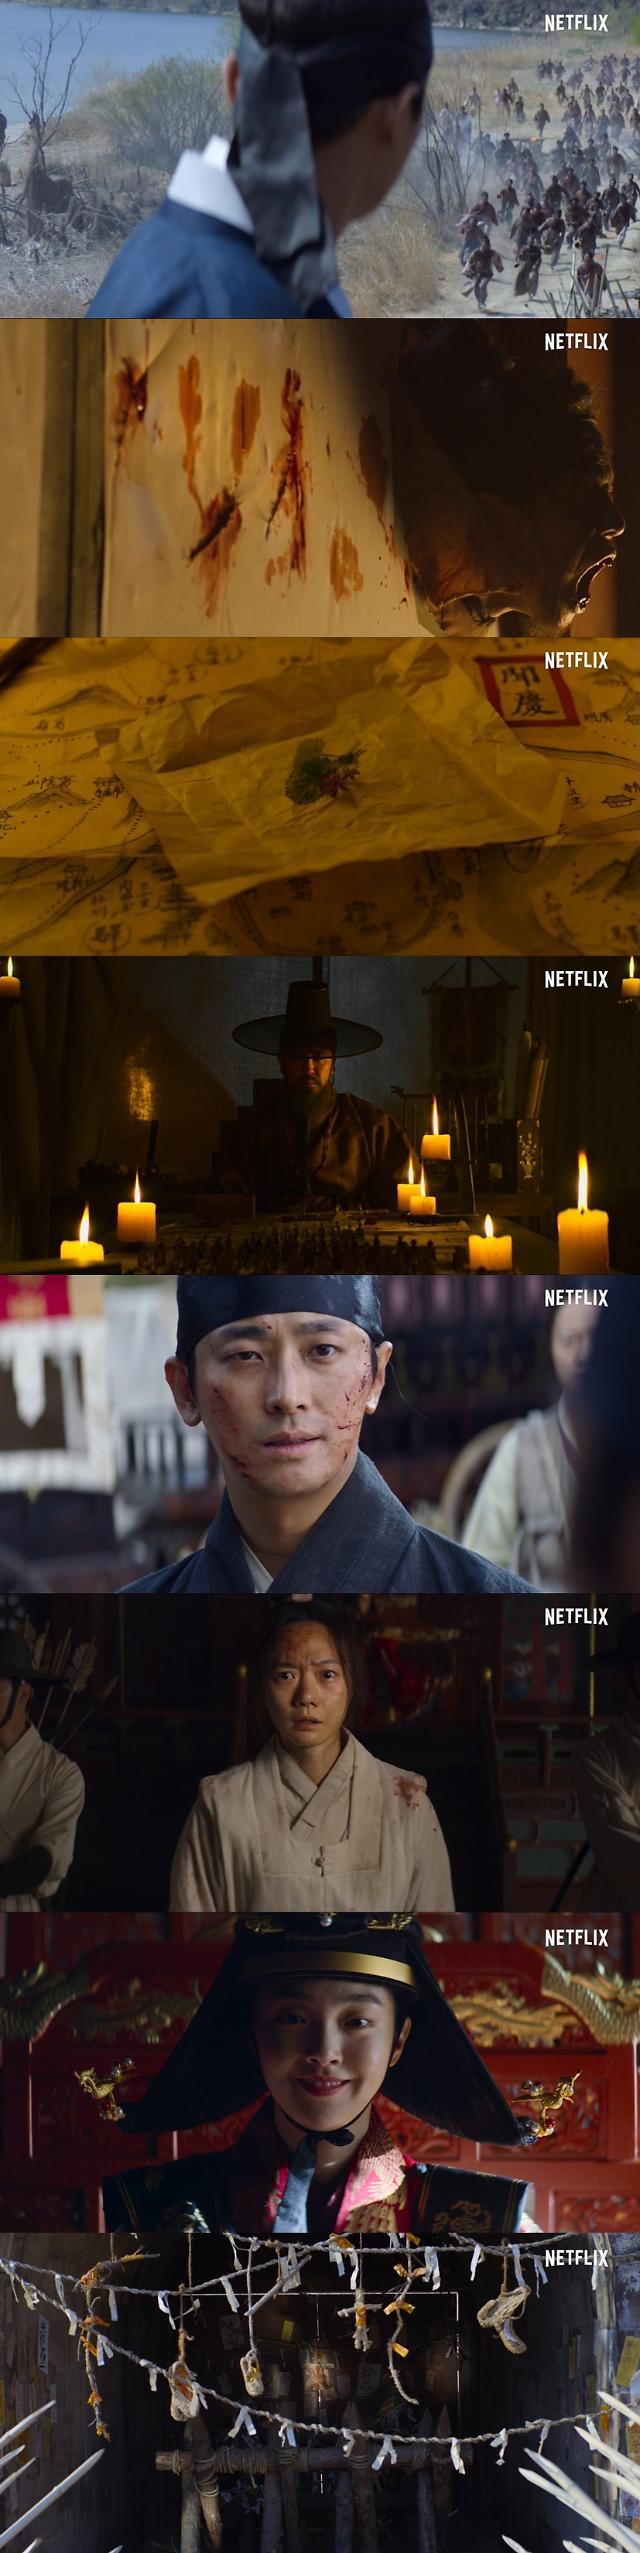 """킹덤2 티저 예고편 공개…""""산 자에 맞서고, 죽은자를 막아내라"""""""